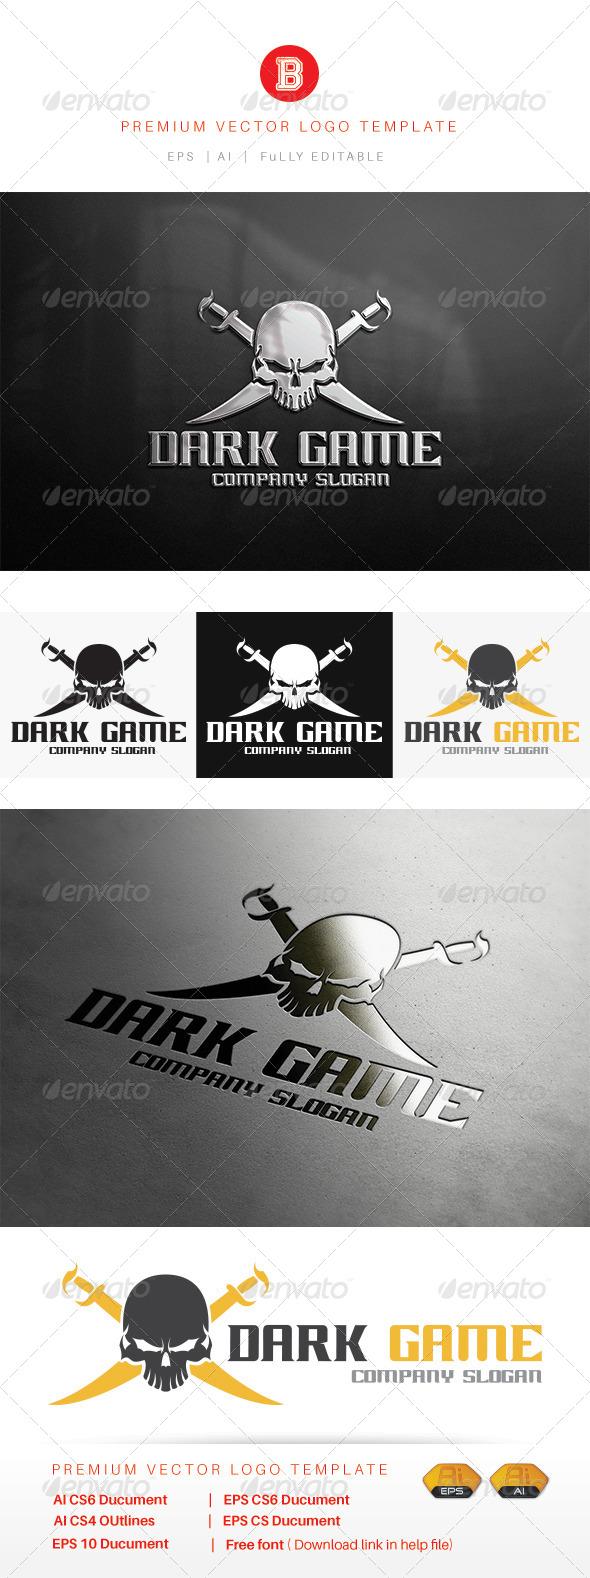 GraphicRiver Dark Game 8106503